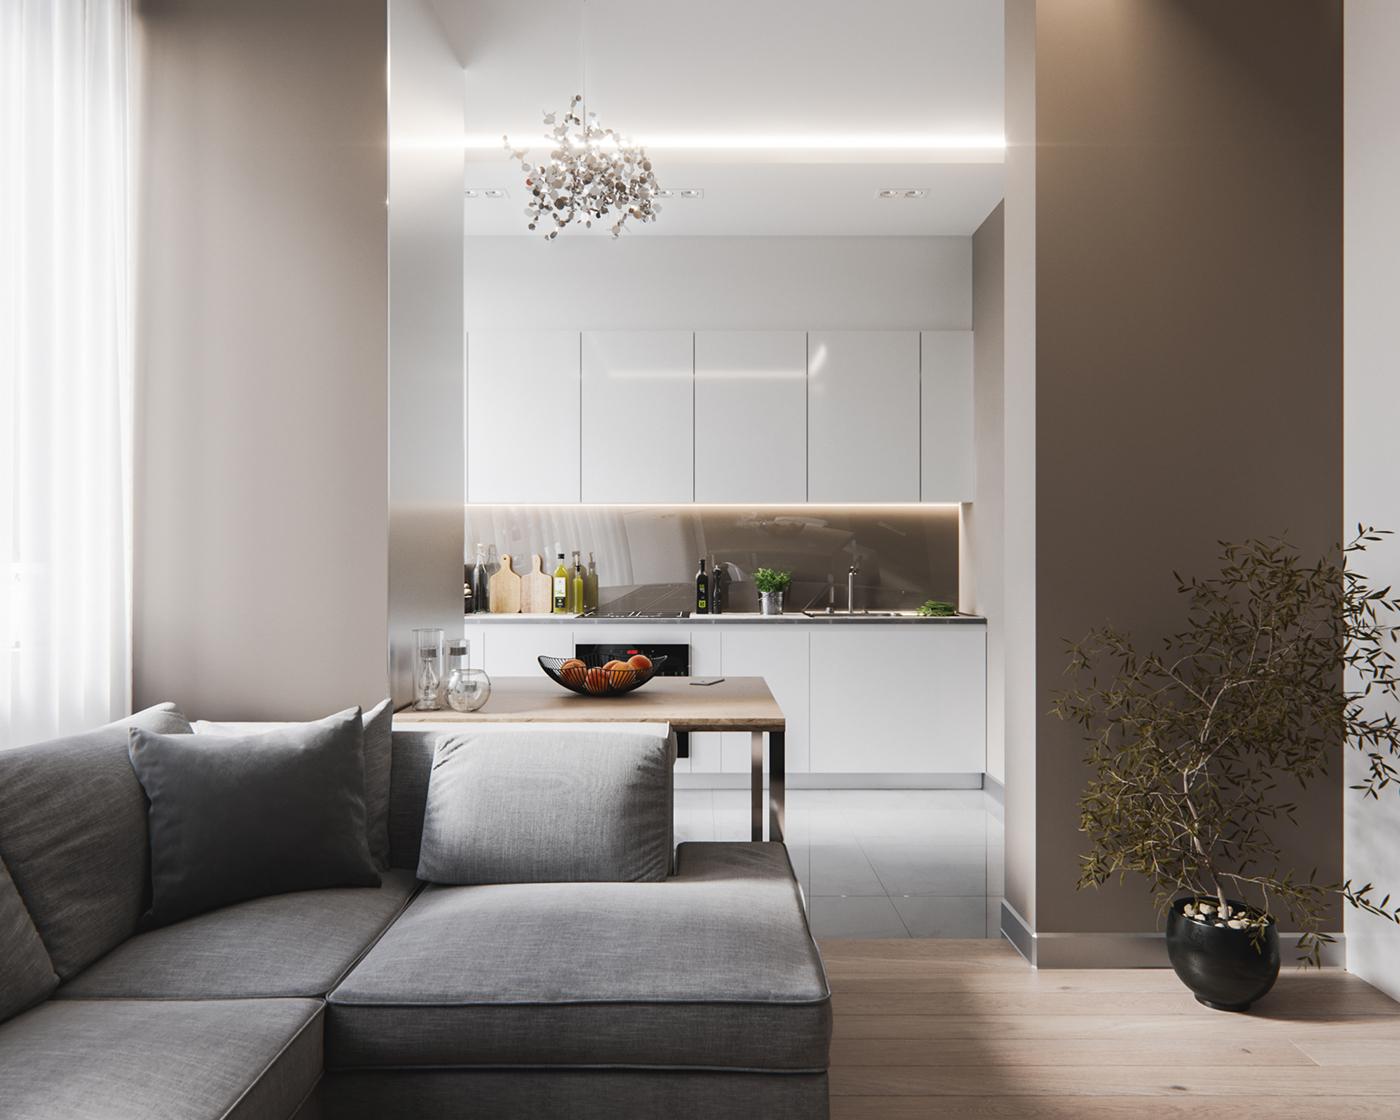 Architettura Case Moderne Idee arredare case piccole di 40 o 50 mq: progetti e idee per